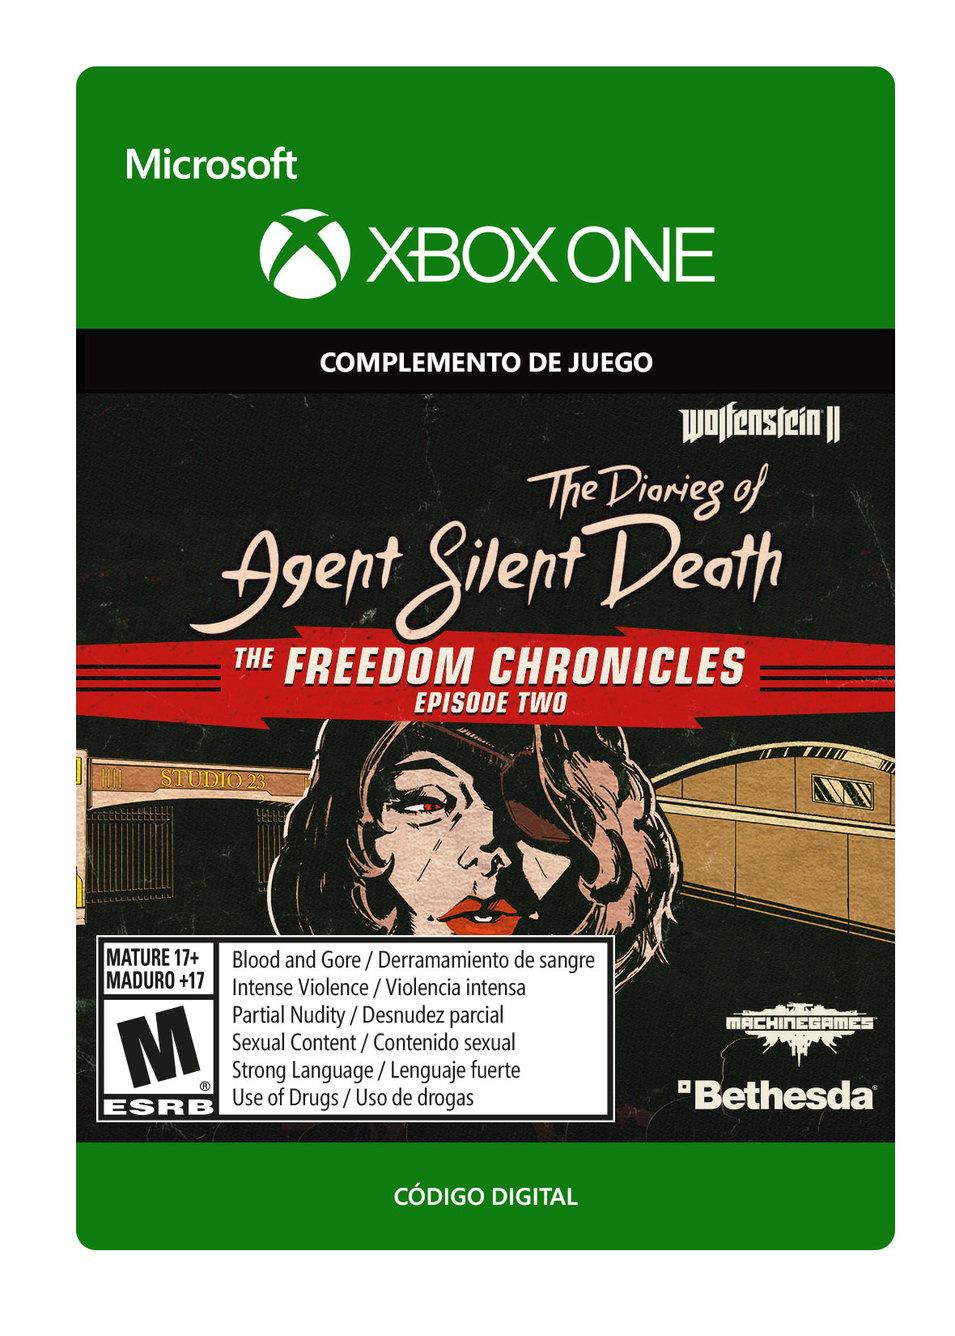 Wolfenstein II: Los diarios de la agente Muerte Silenciosa (DLC 2)